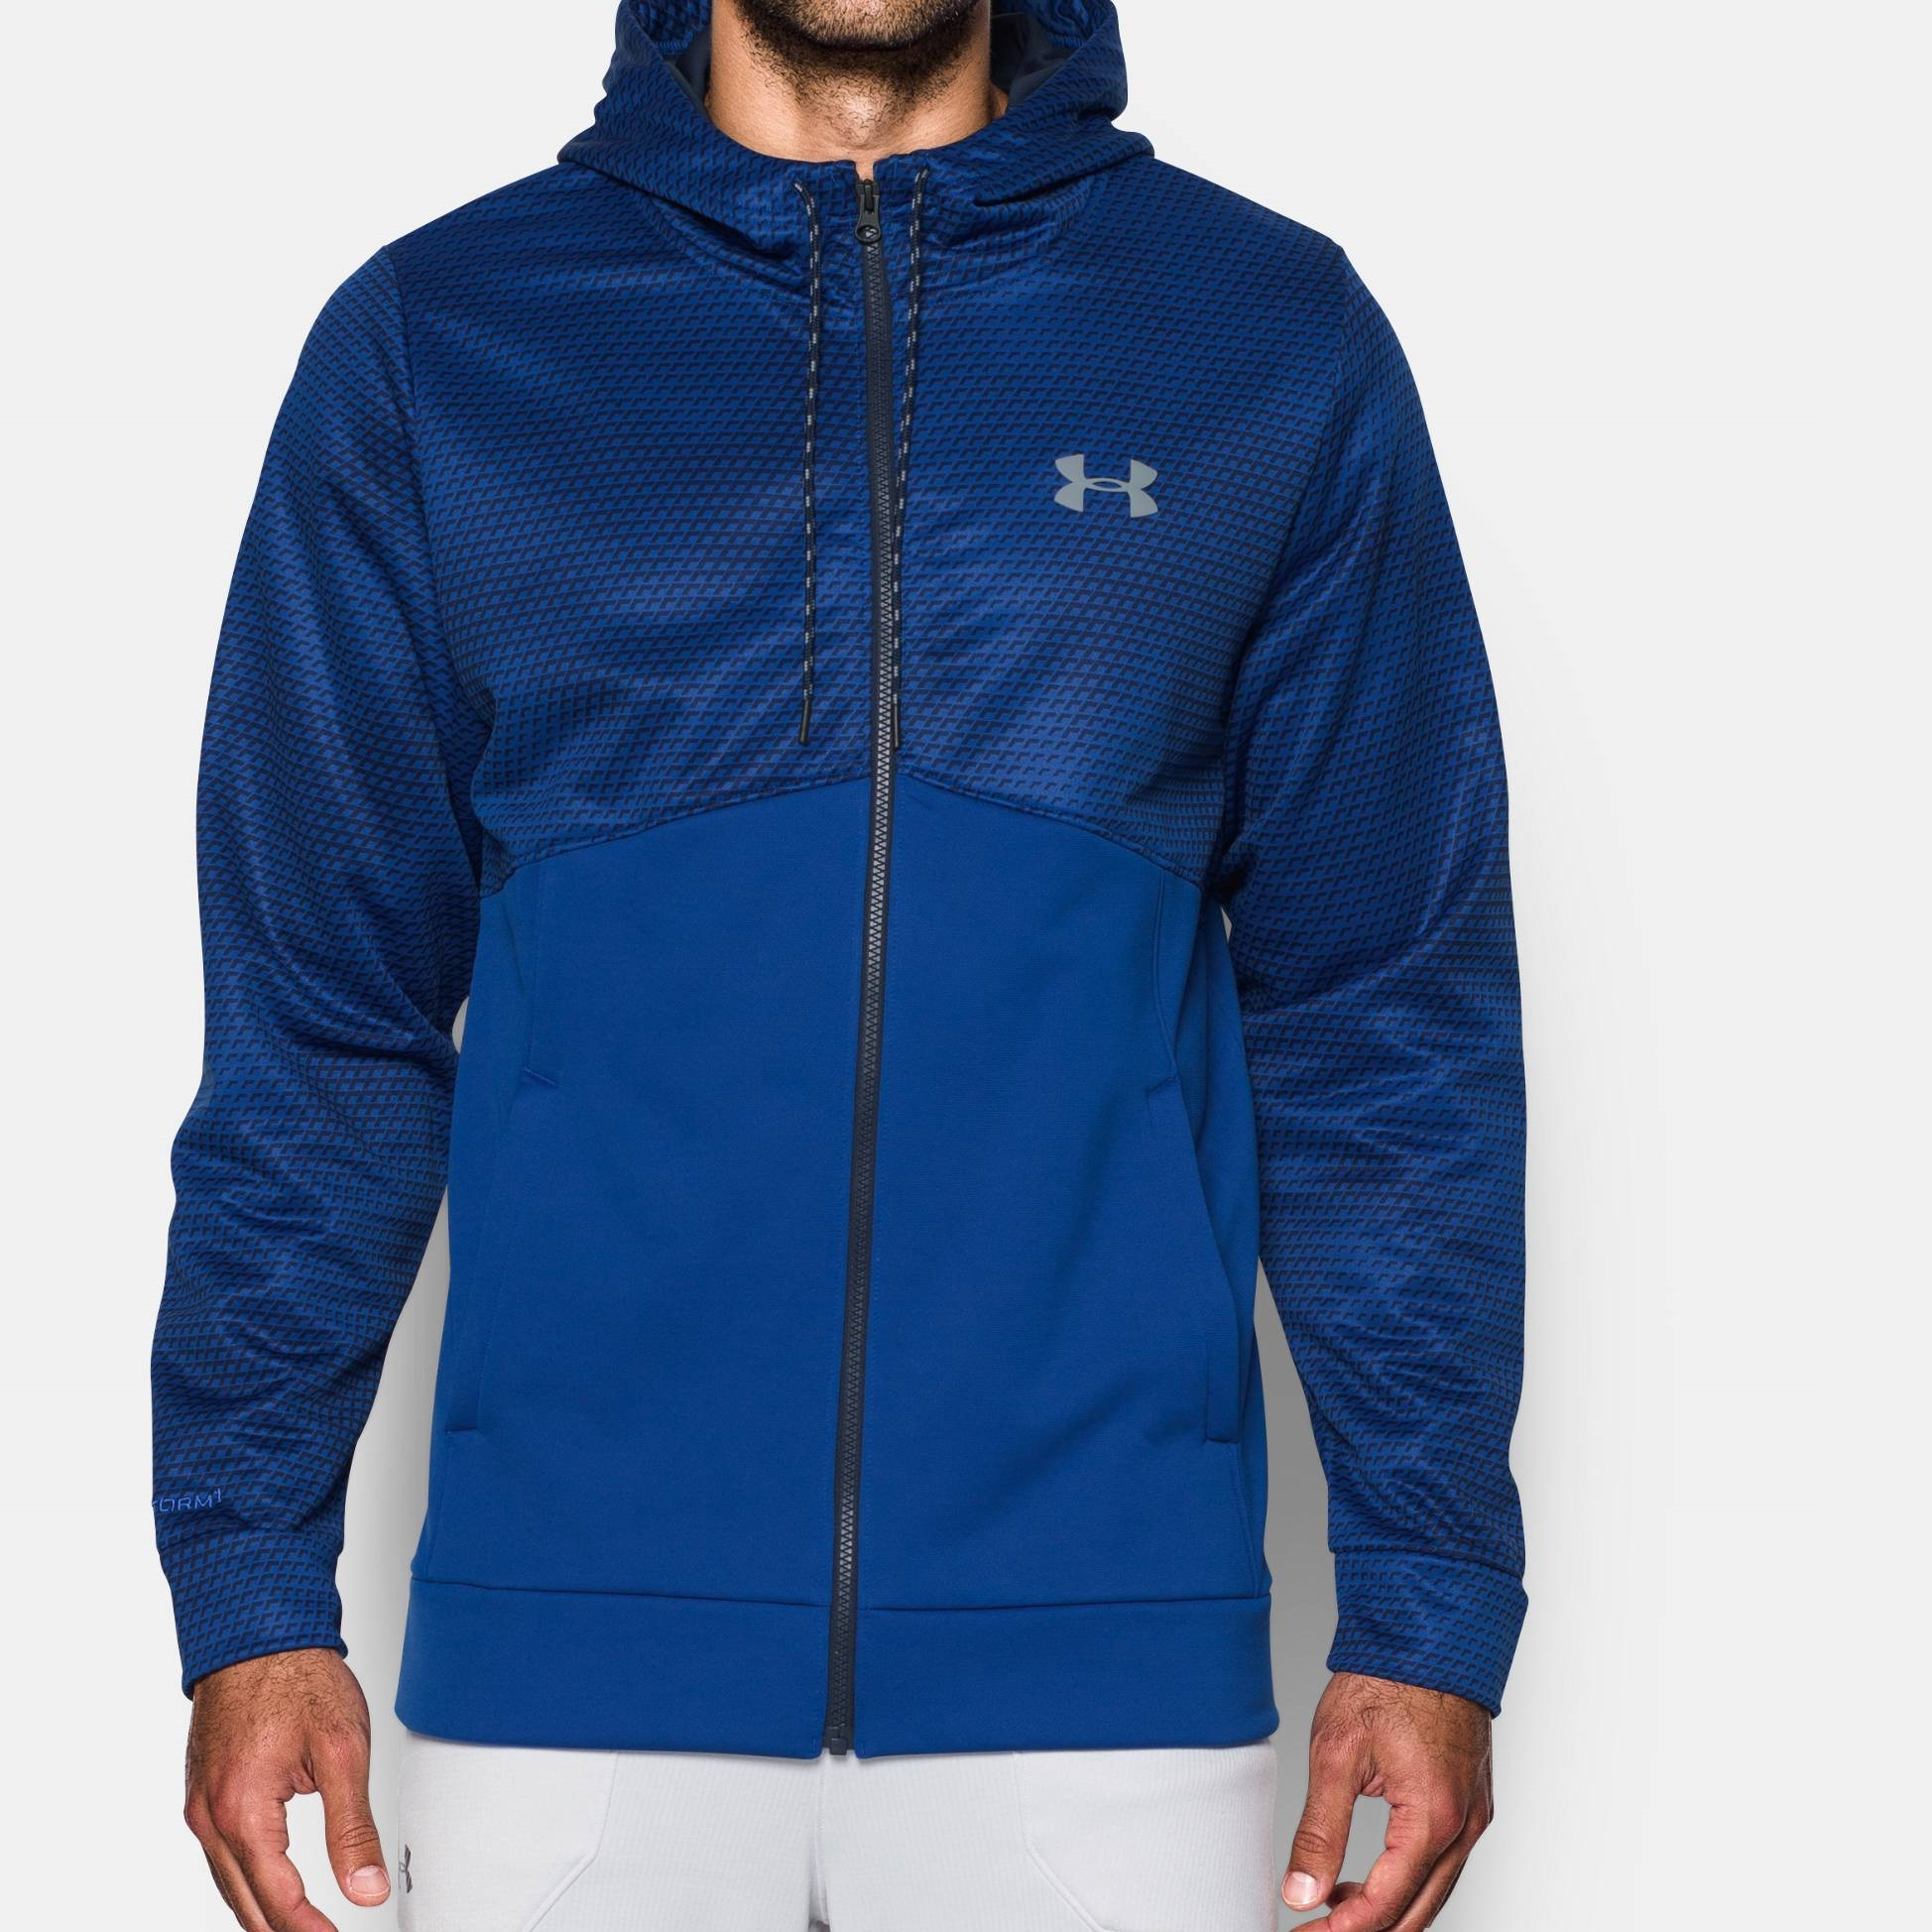 under armour zip hoodie waterproof clothing under armour fleece full zip hoodie fitness under